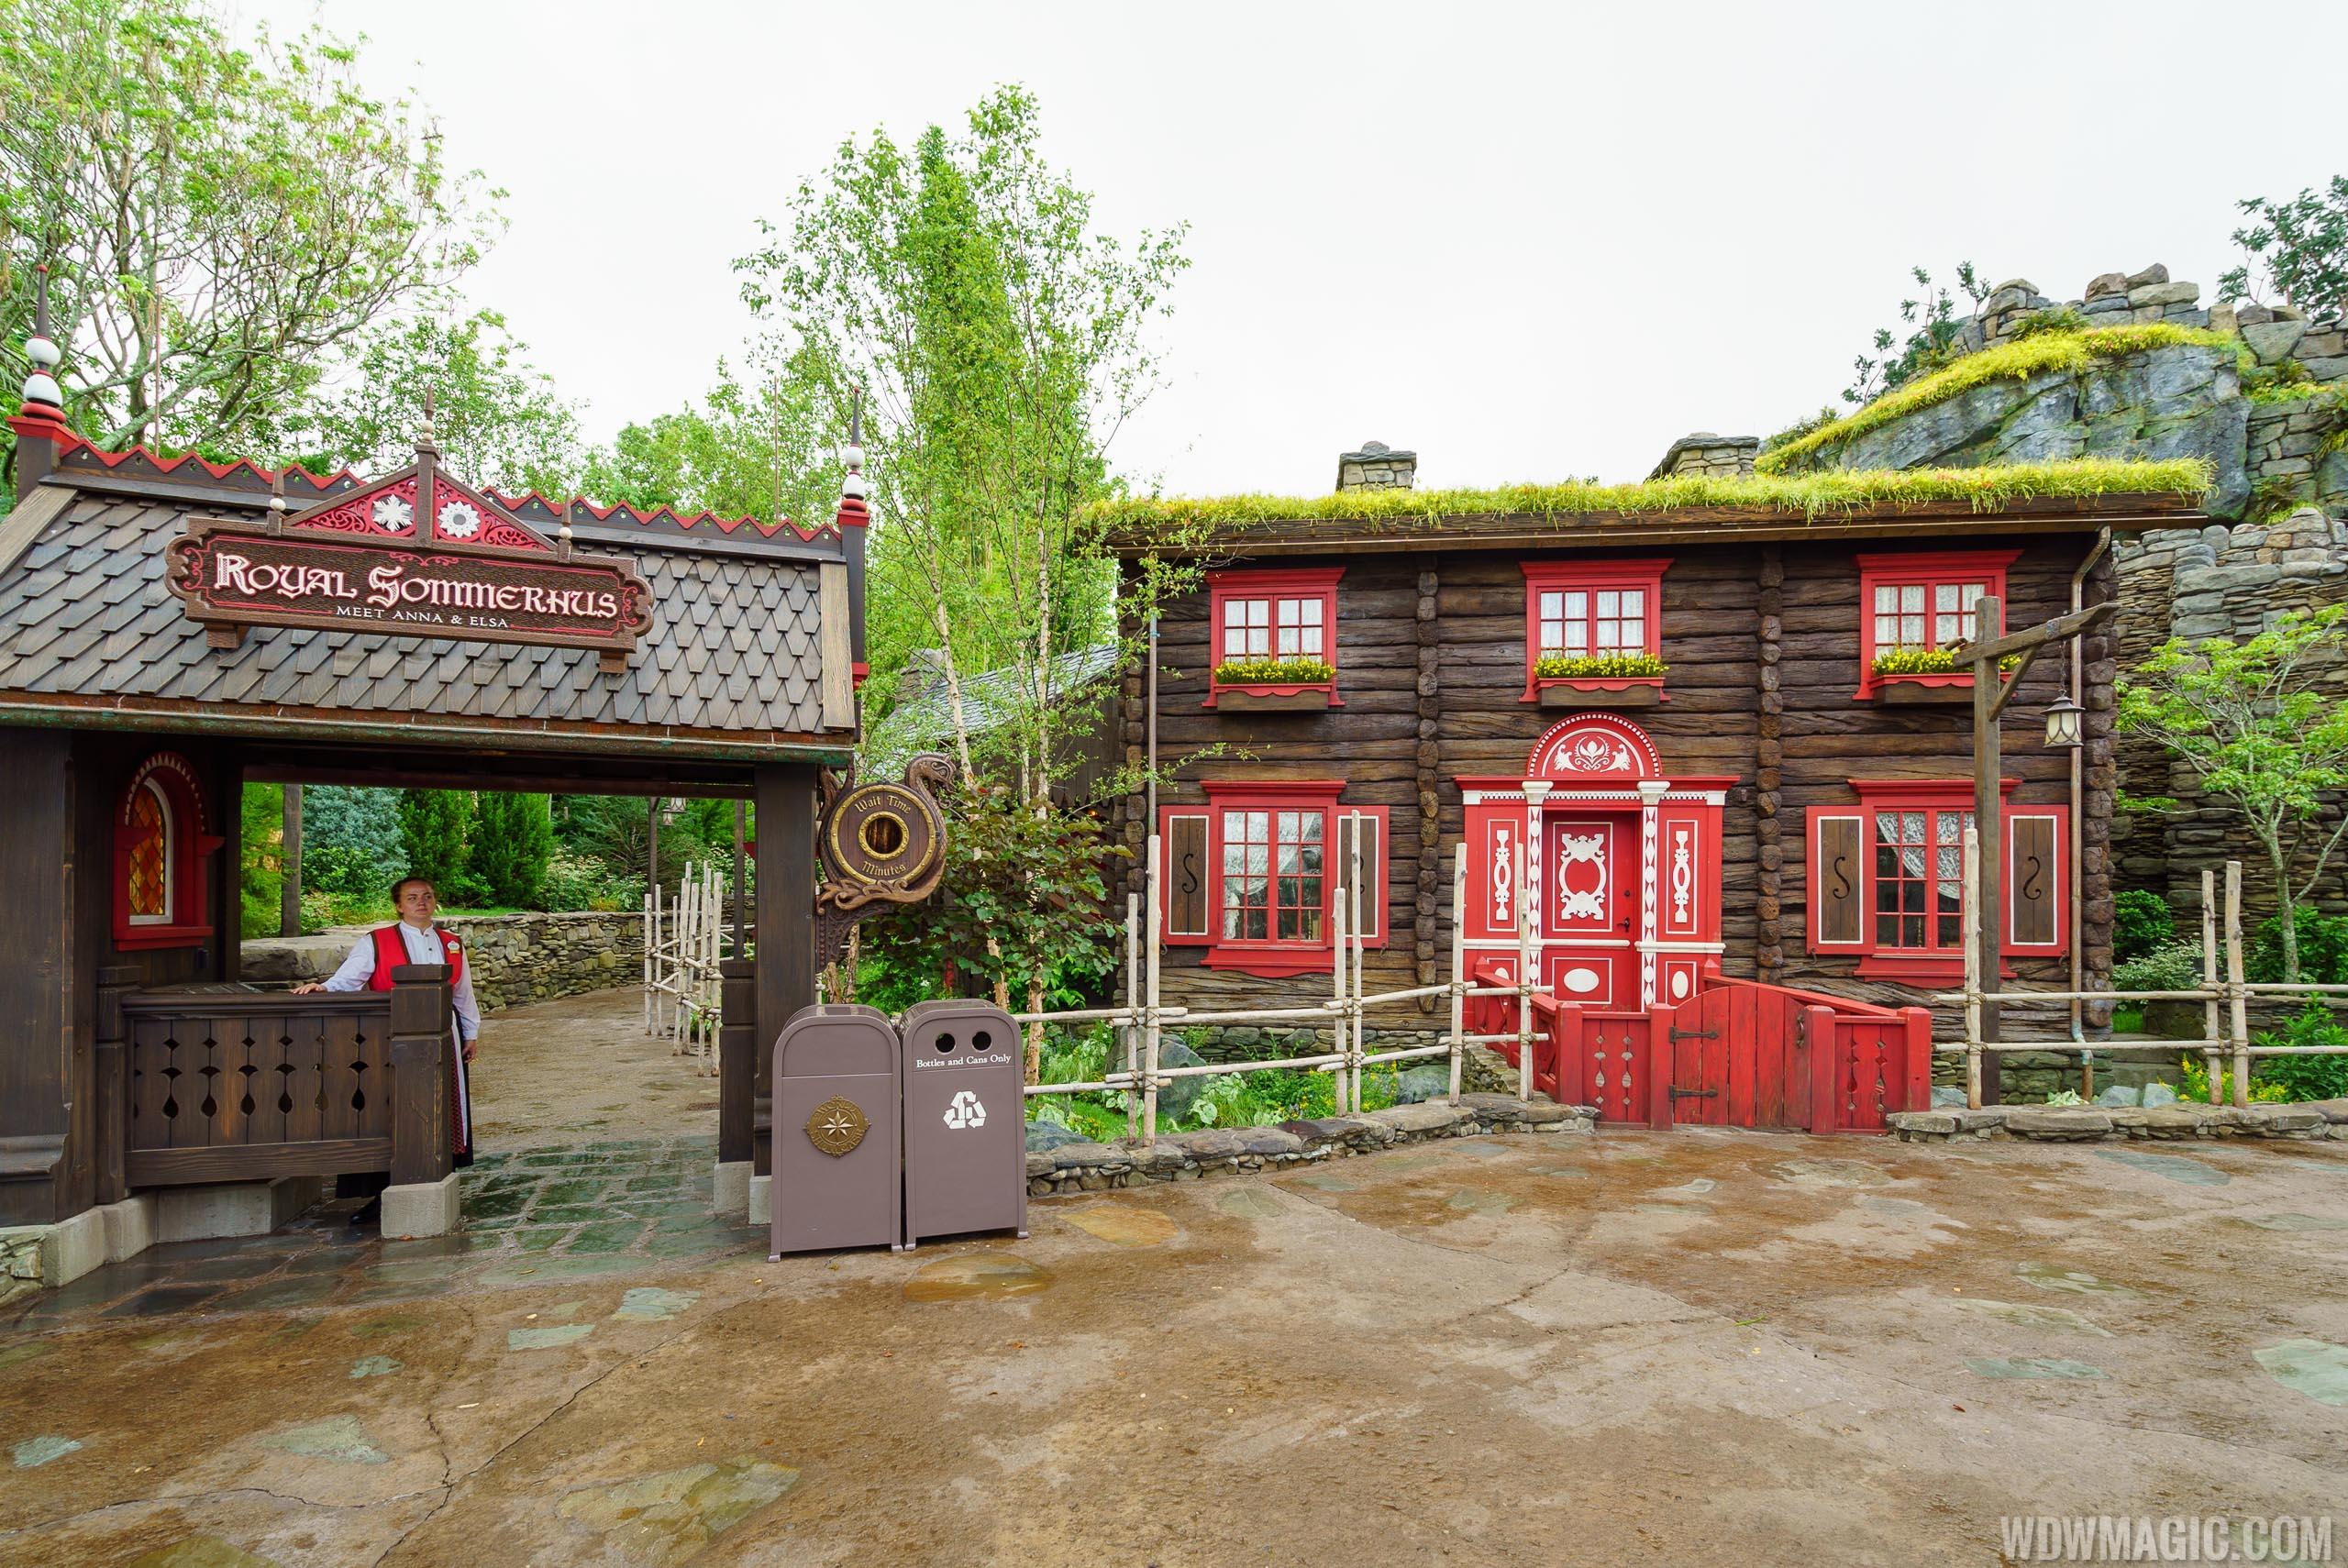 Royal Sommerhus entrance